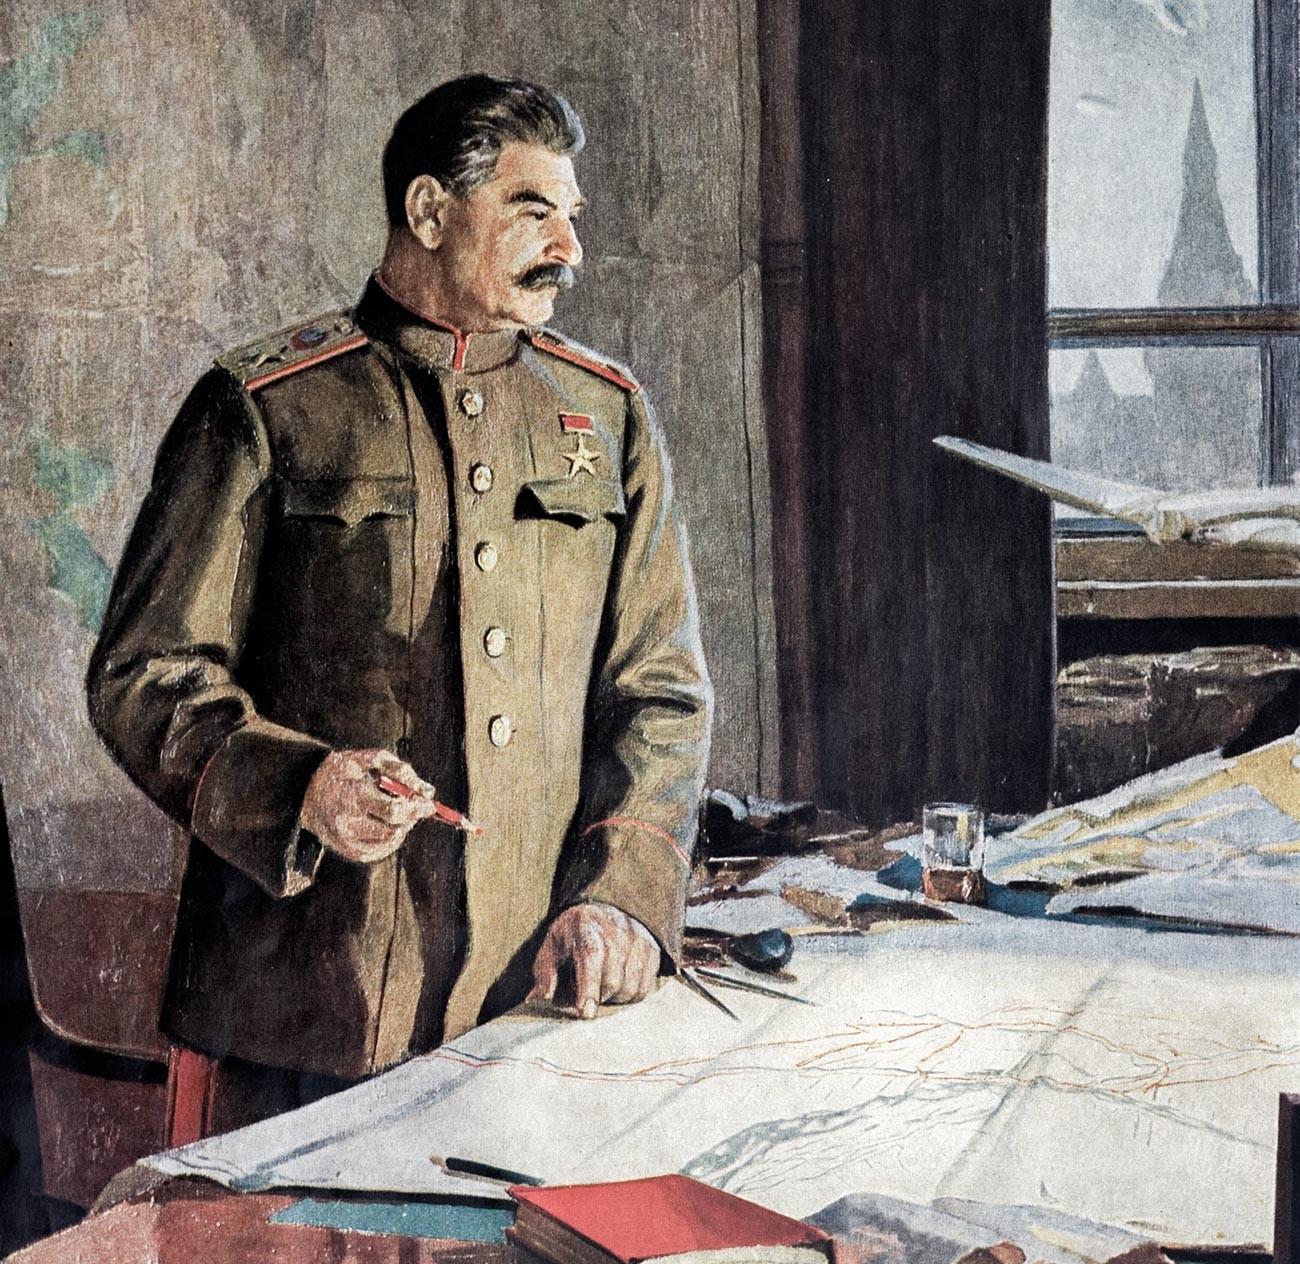 Никита Хрущев пытался доказать, что Сталин был полным профаном в военных вопросах.